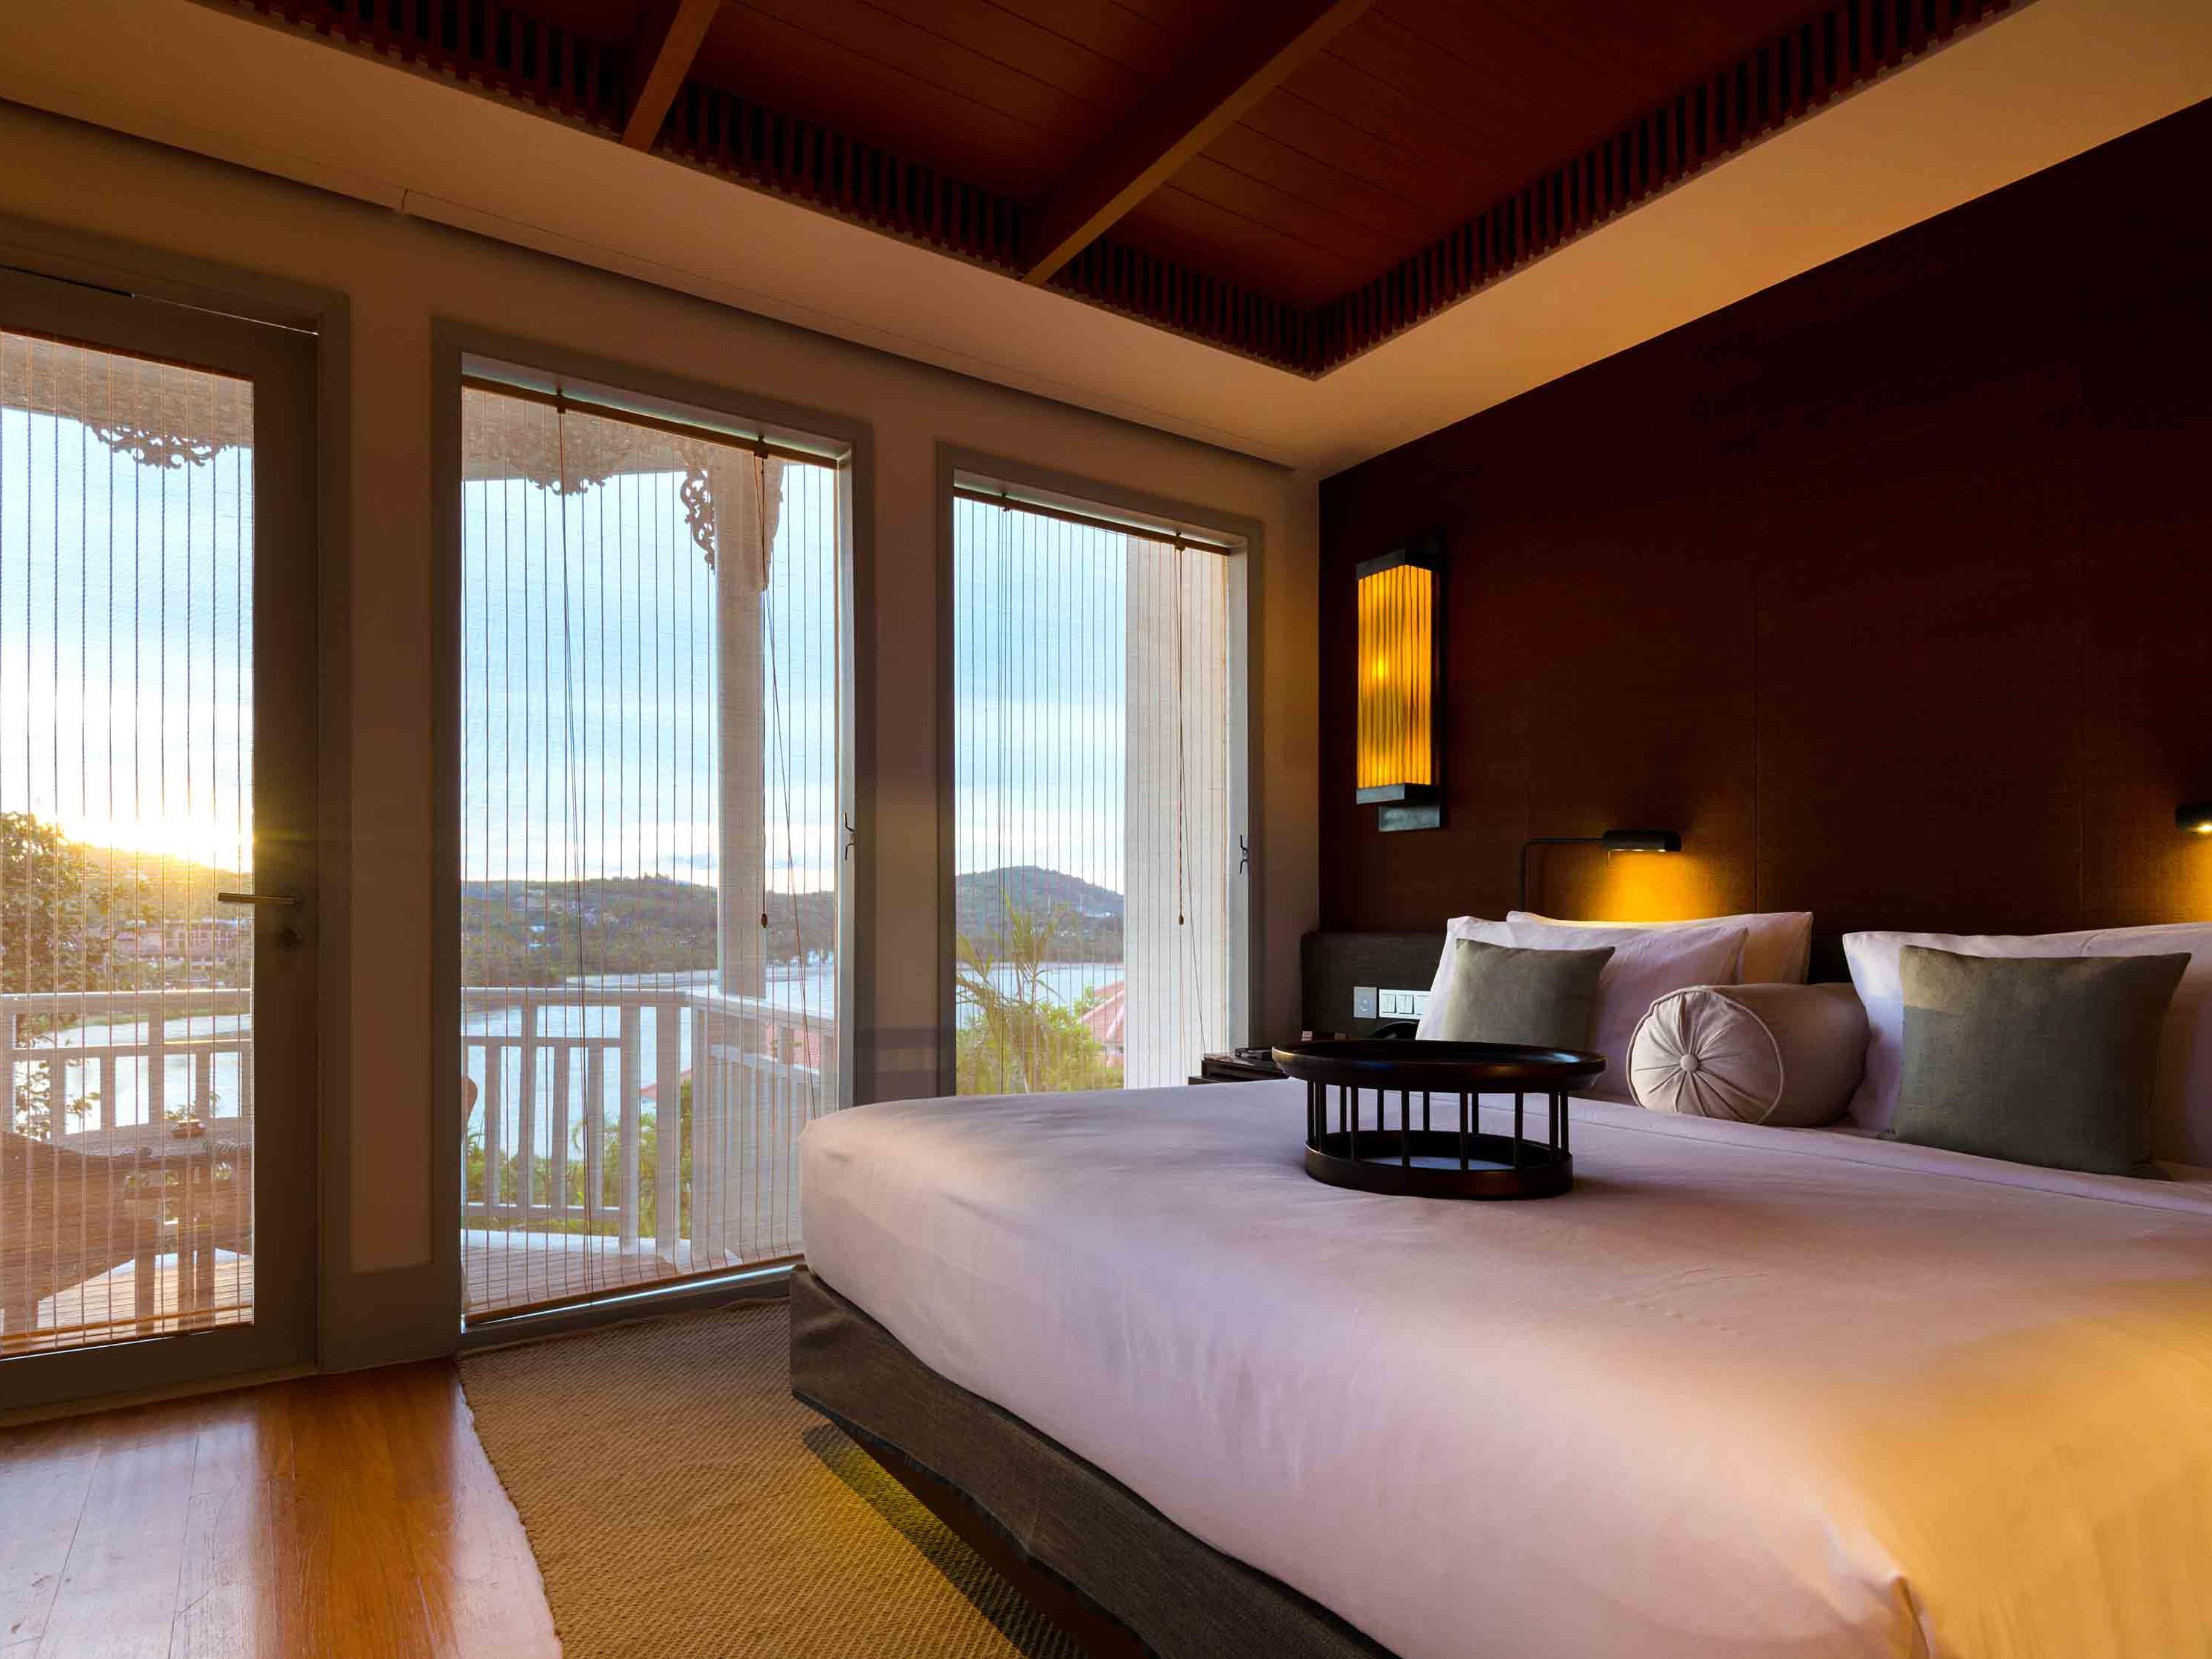 Amatara Wellness Resort Bay View Suite bedroom 1